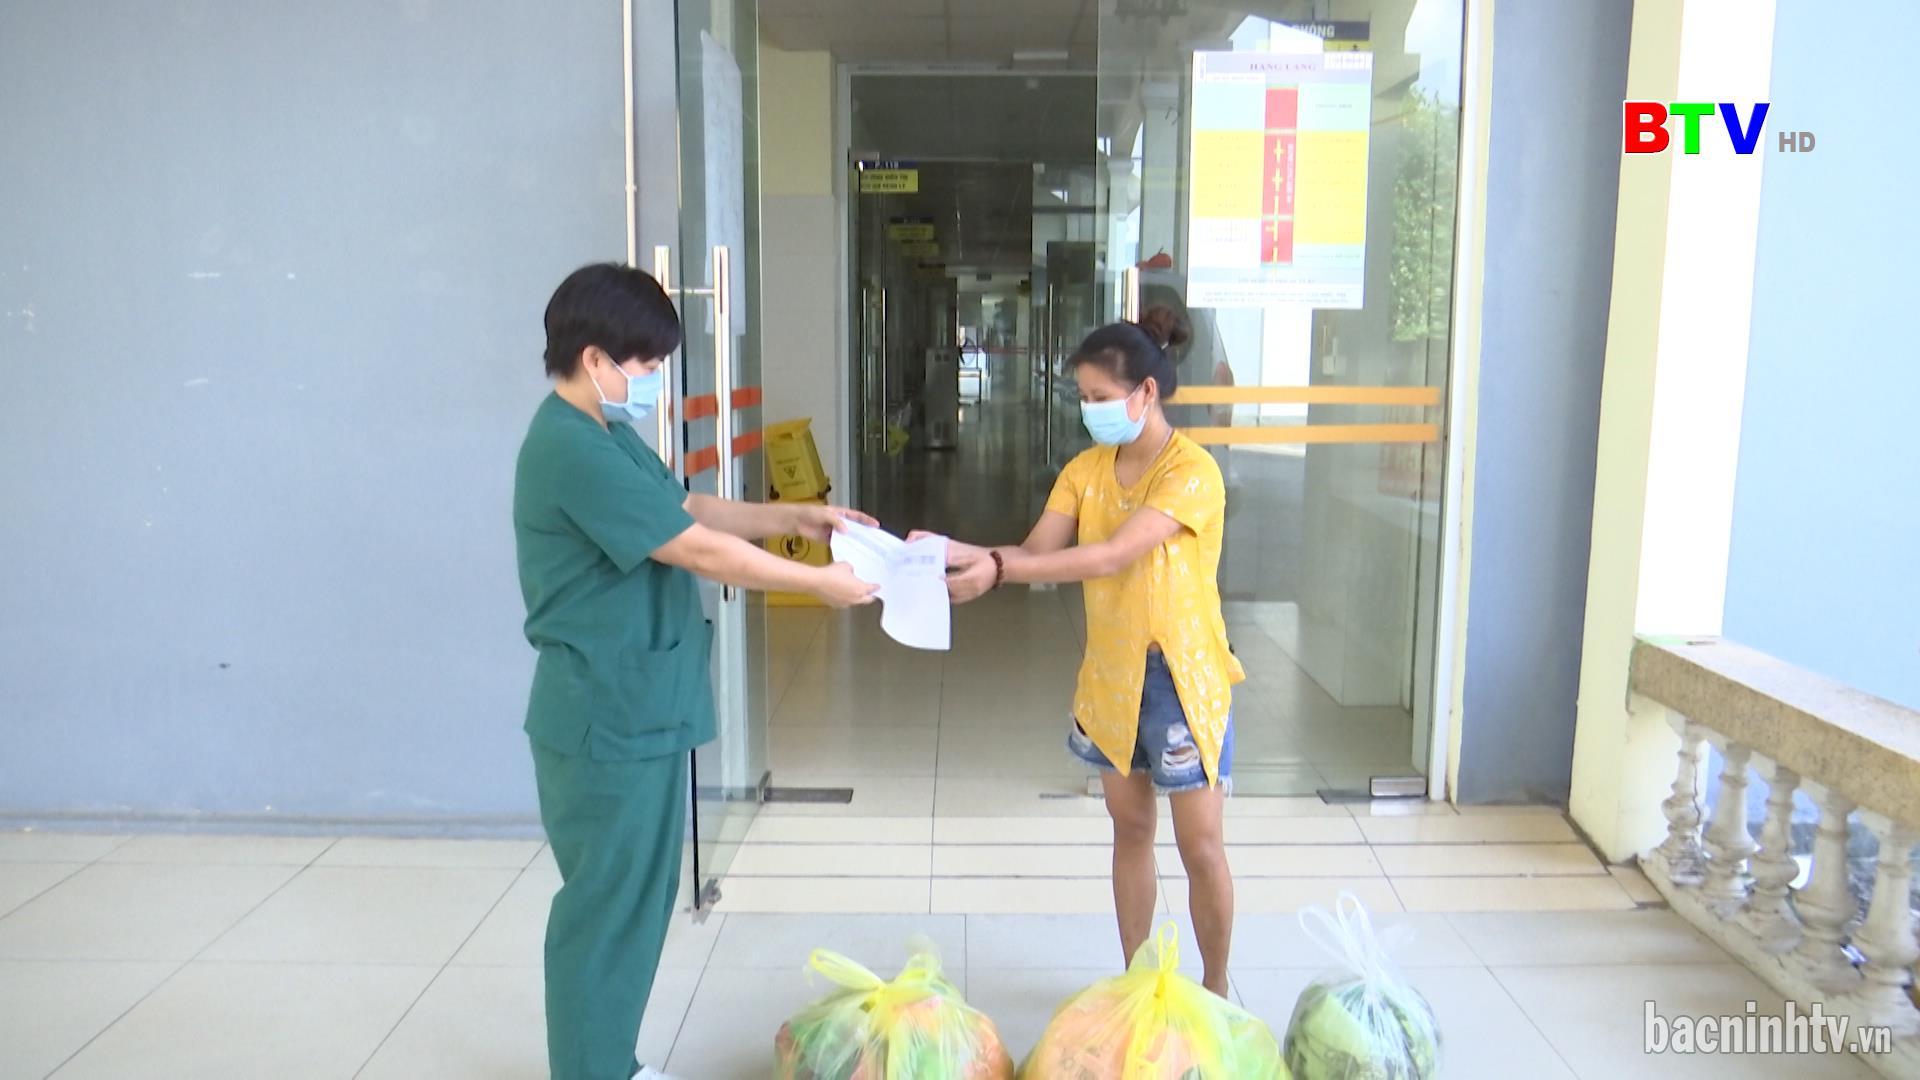 Bắc Ninh không còn bệnh nhân Covid-19